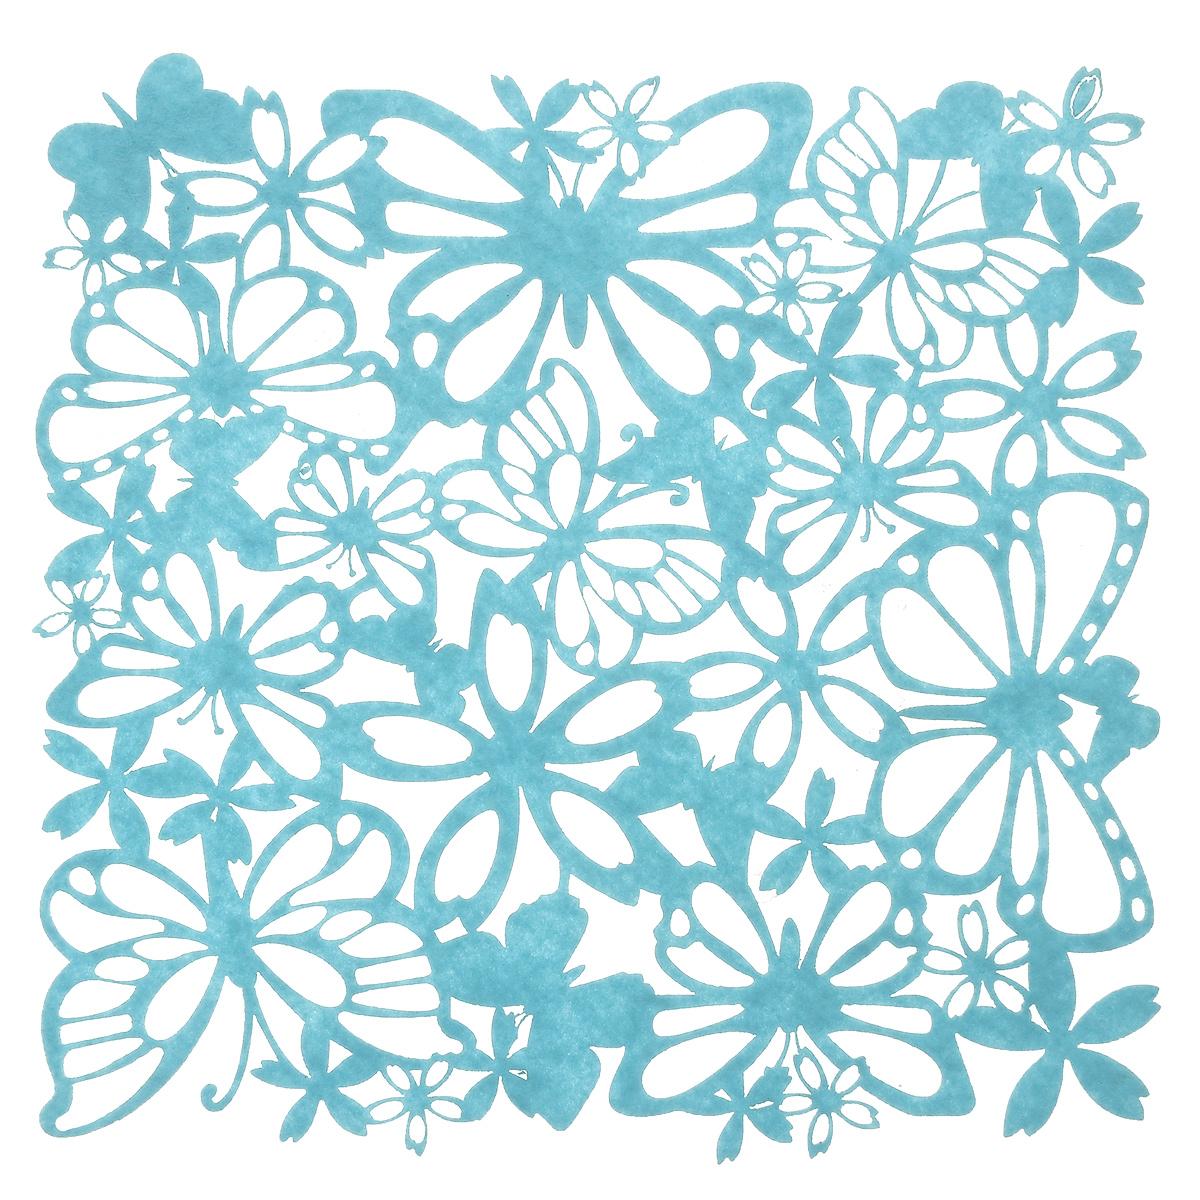 Салфетка Home Queen Взмах крыльев, цвет: голубой, 30 см х 30 см115510Квадратная салфетка Home Queen Взмах крыльев изготовлена из фетра и оформлена изысканной перфорацией в виде цветочных узоров и бабочек. Такая салфетка прекрасно подойдет для украшения интерьера кухни, она сбережет стол от высоких температур и грязи.